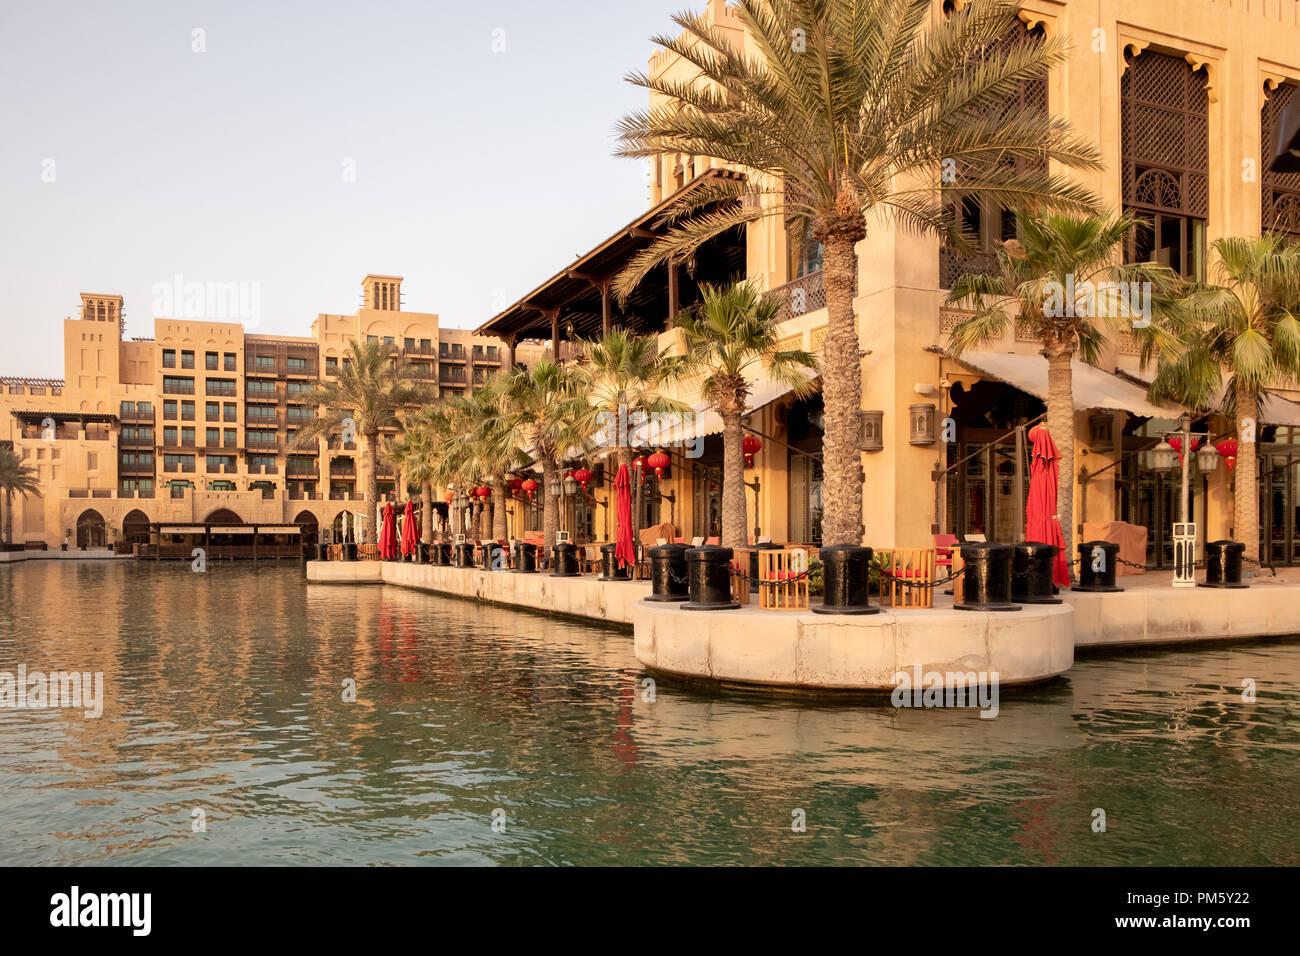 Madinat al Jumairah, Dubaï, Émirats arabes unis Hôtels et Villas fronts Banque D'Images